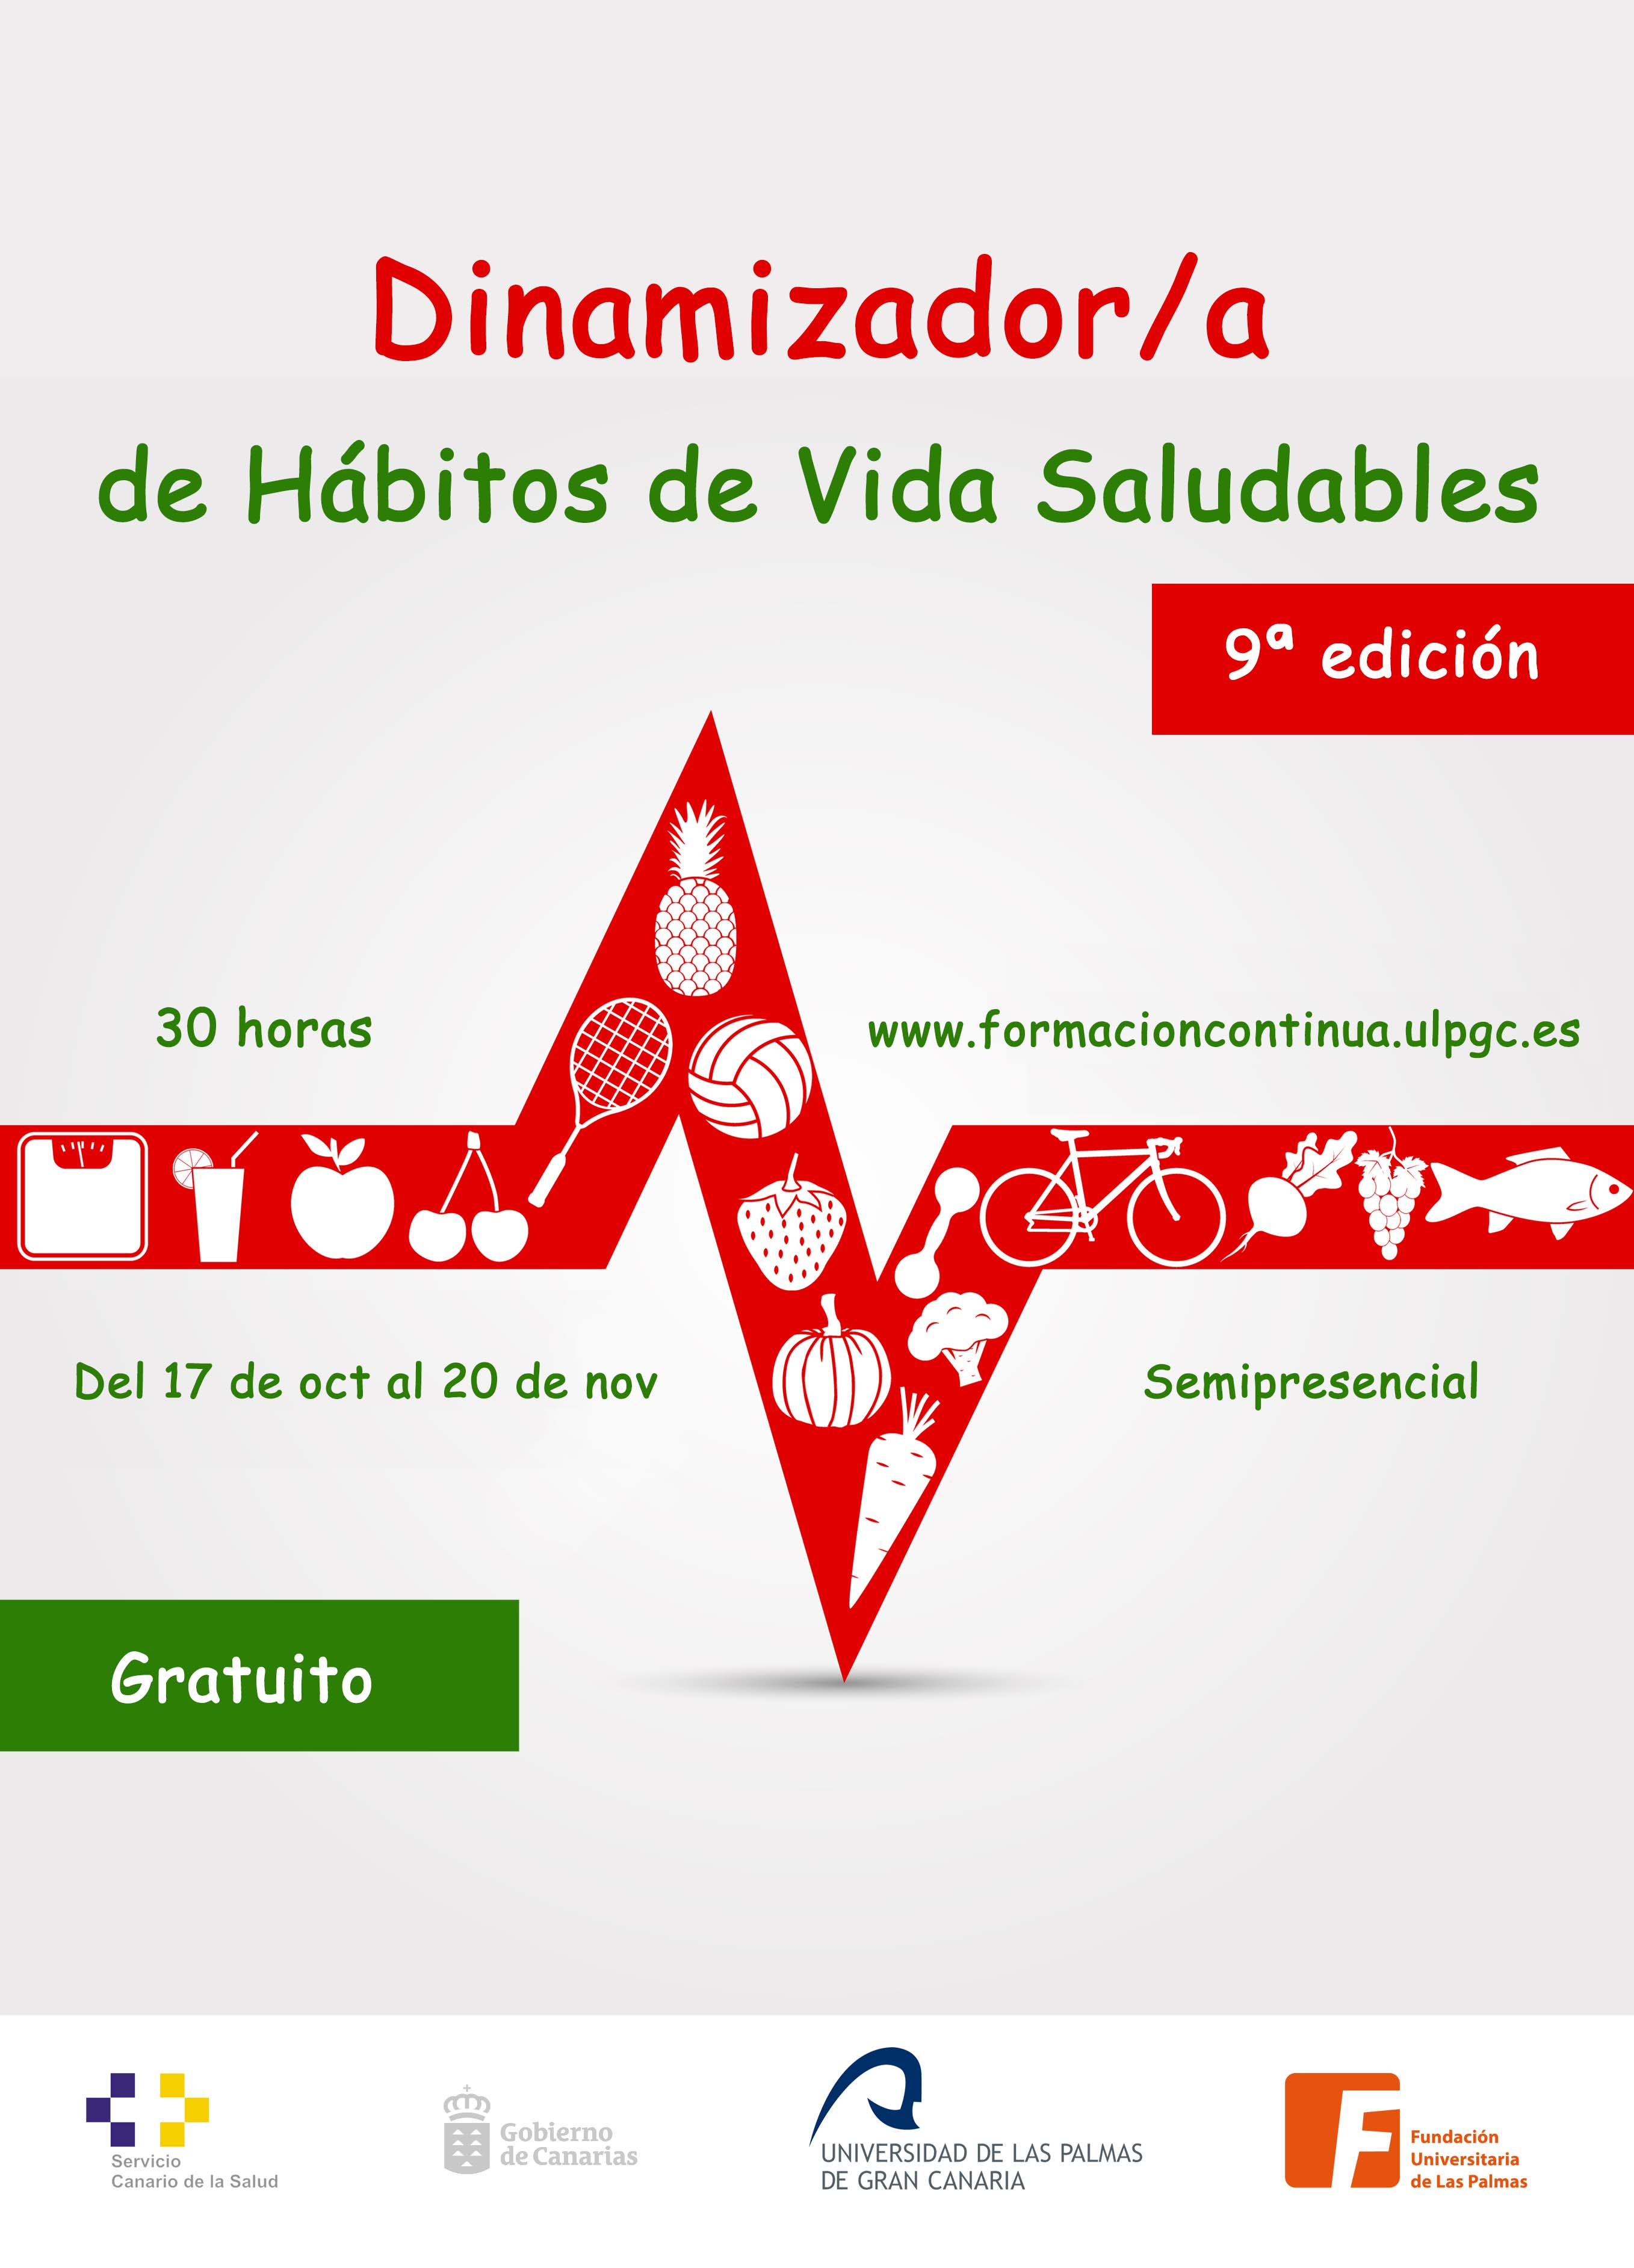 Dinamizador/a de Hábitos de Vida Saludables (9ª edición)